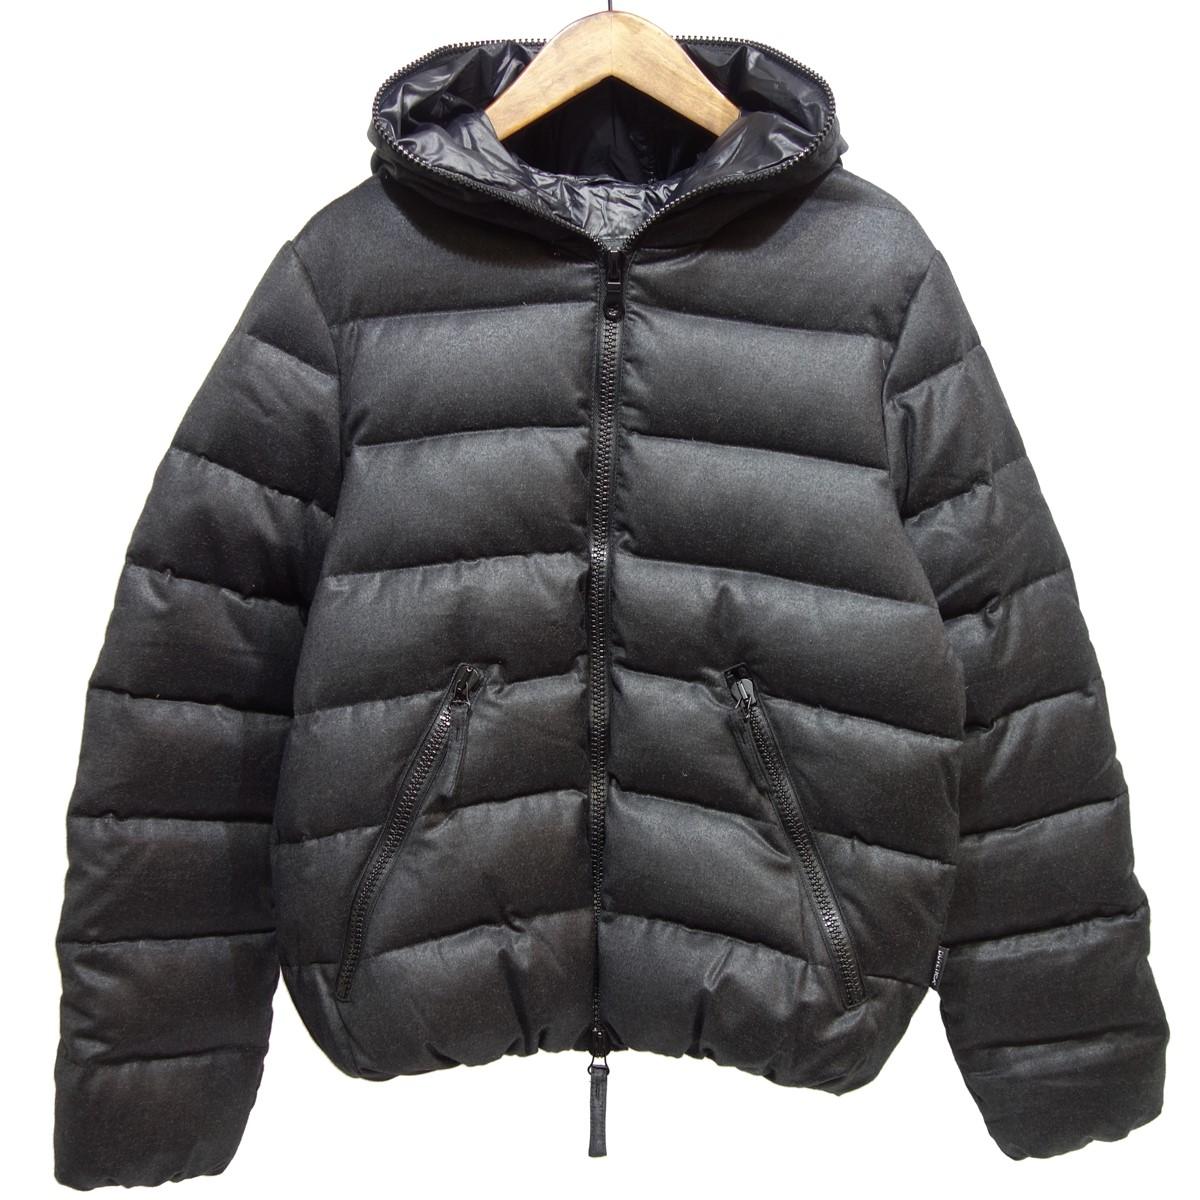 【中古】DUVETICA DIONISIO wool ダウンジャケット グレー サイズ:48 【230120】(デュベティカ)